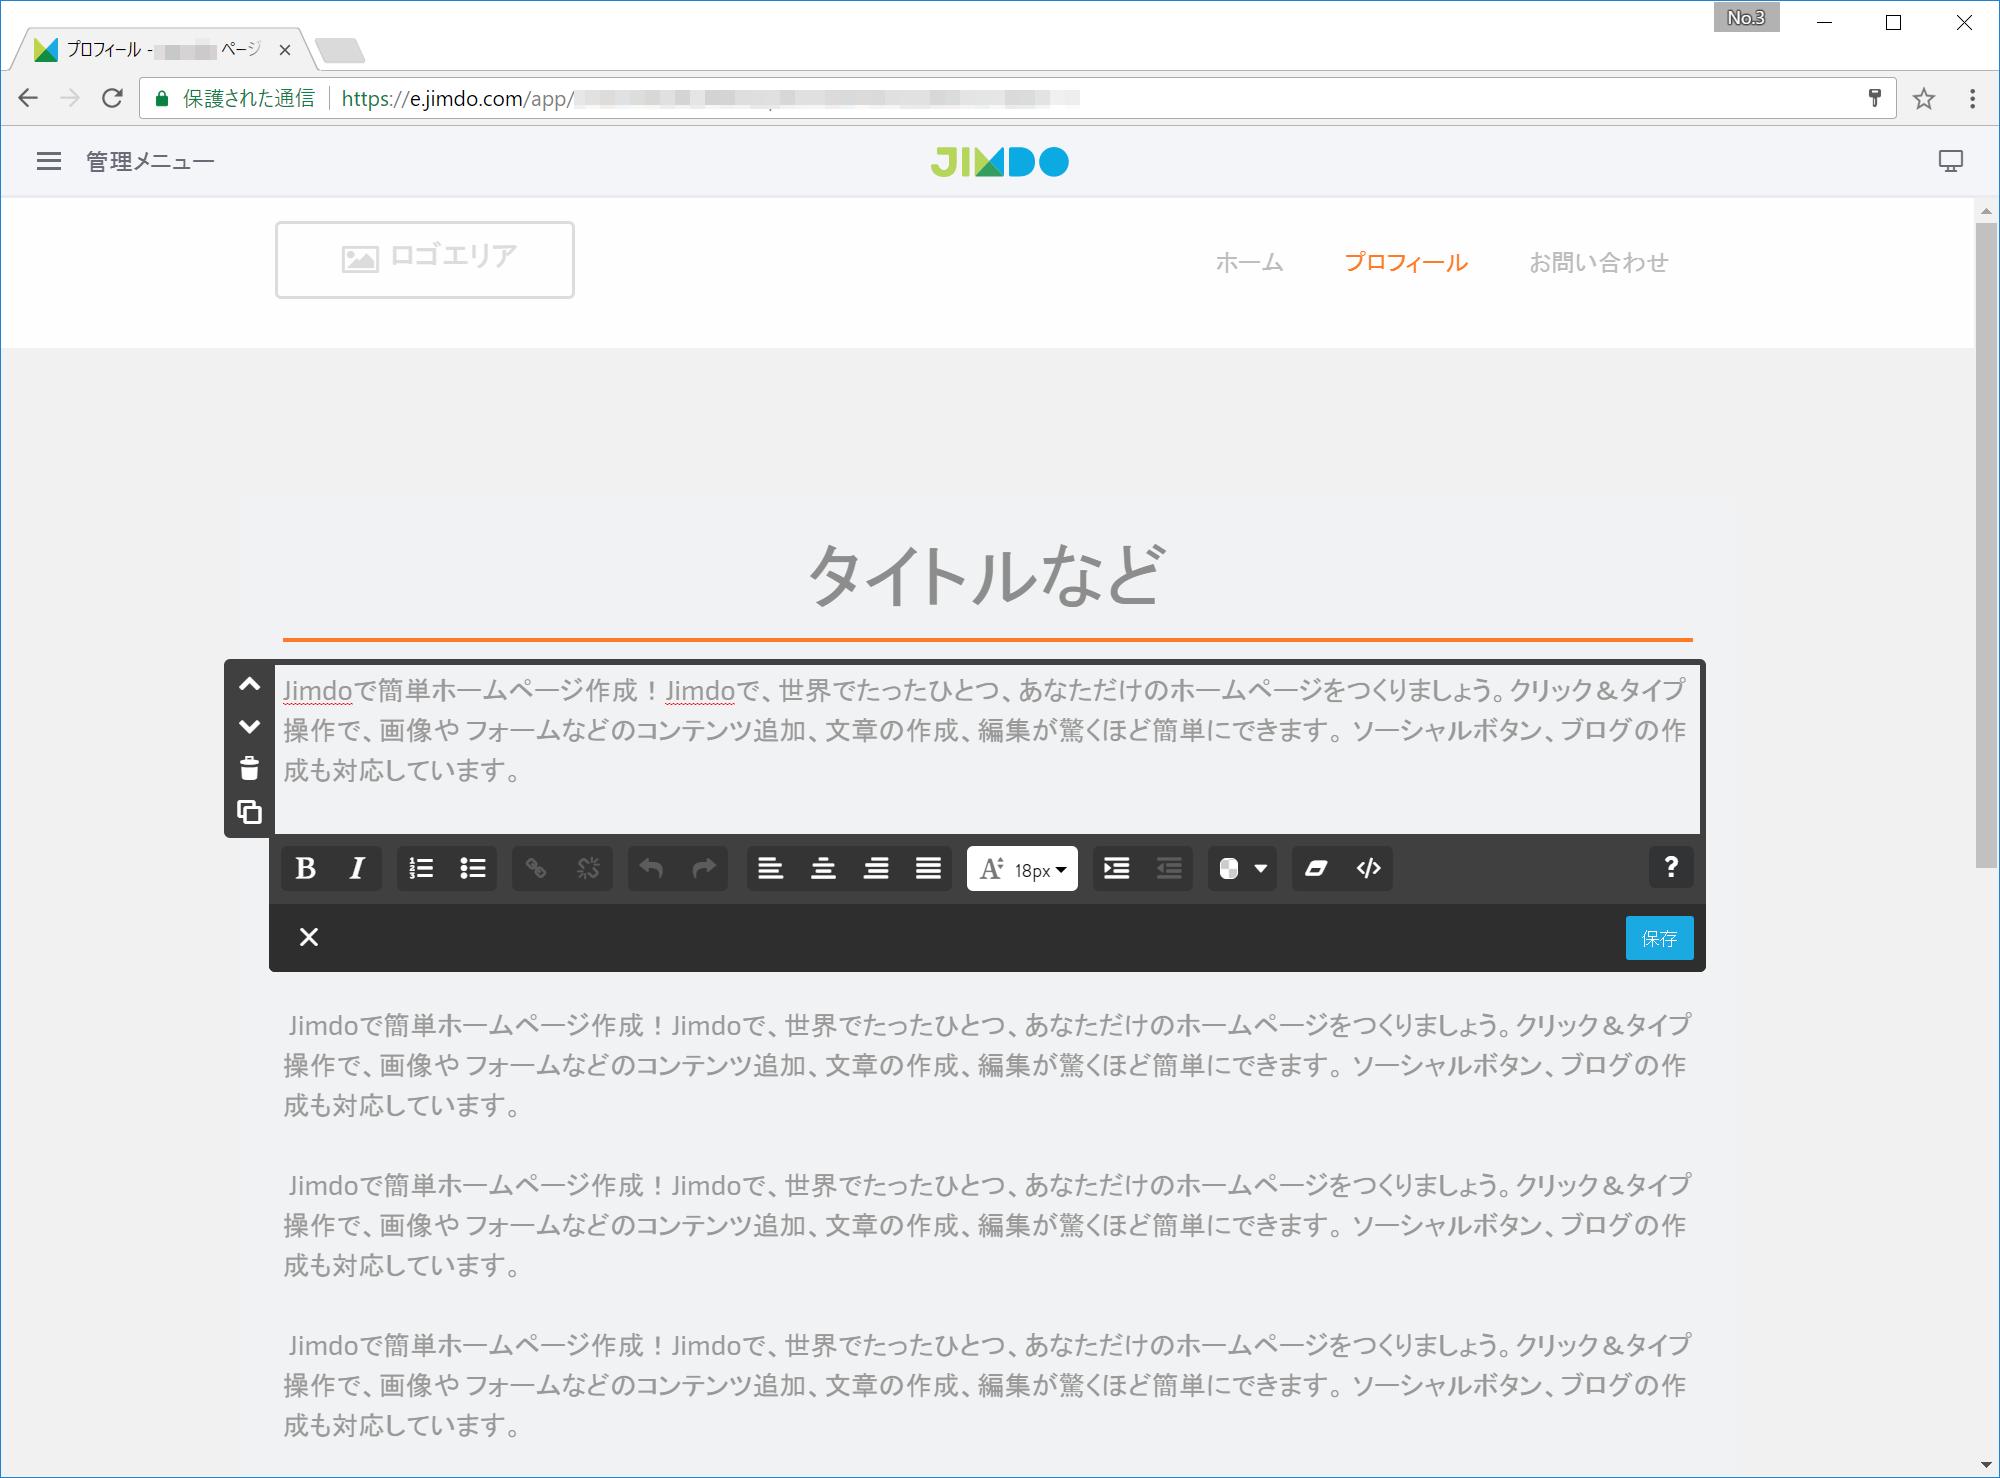 編集画面はいわゆるWYSIWYG。実際のウェブサイトとほぼ同様の画面を見ながら、文言などを入力できる